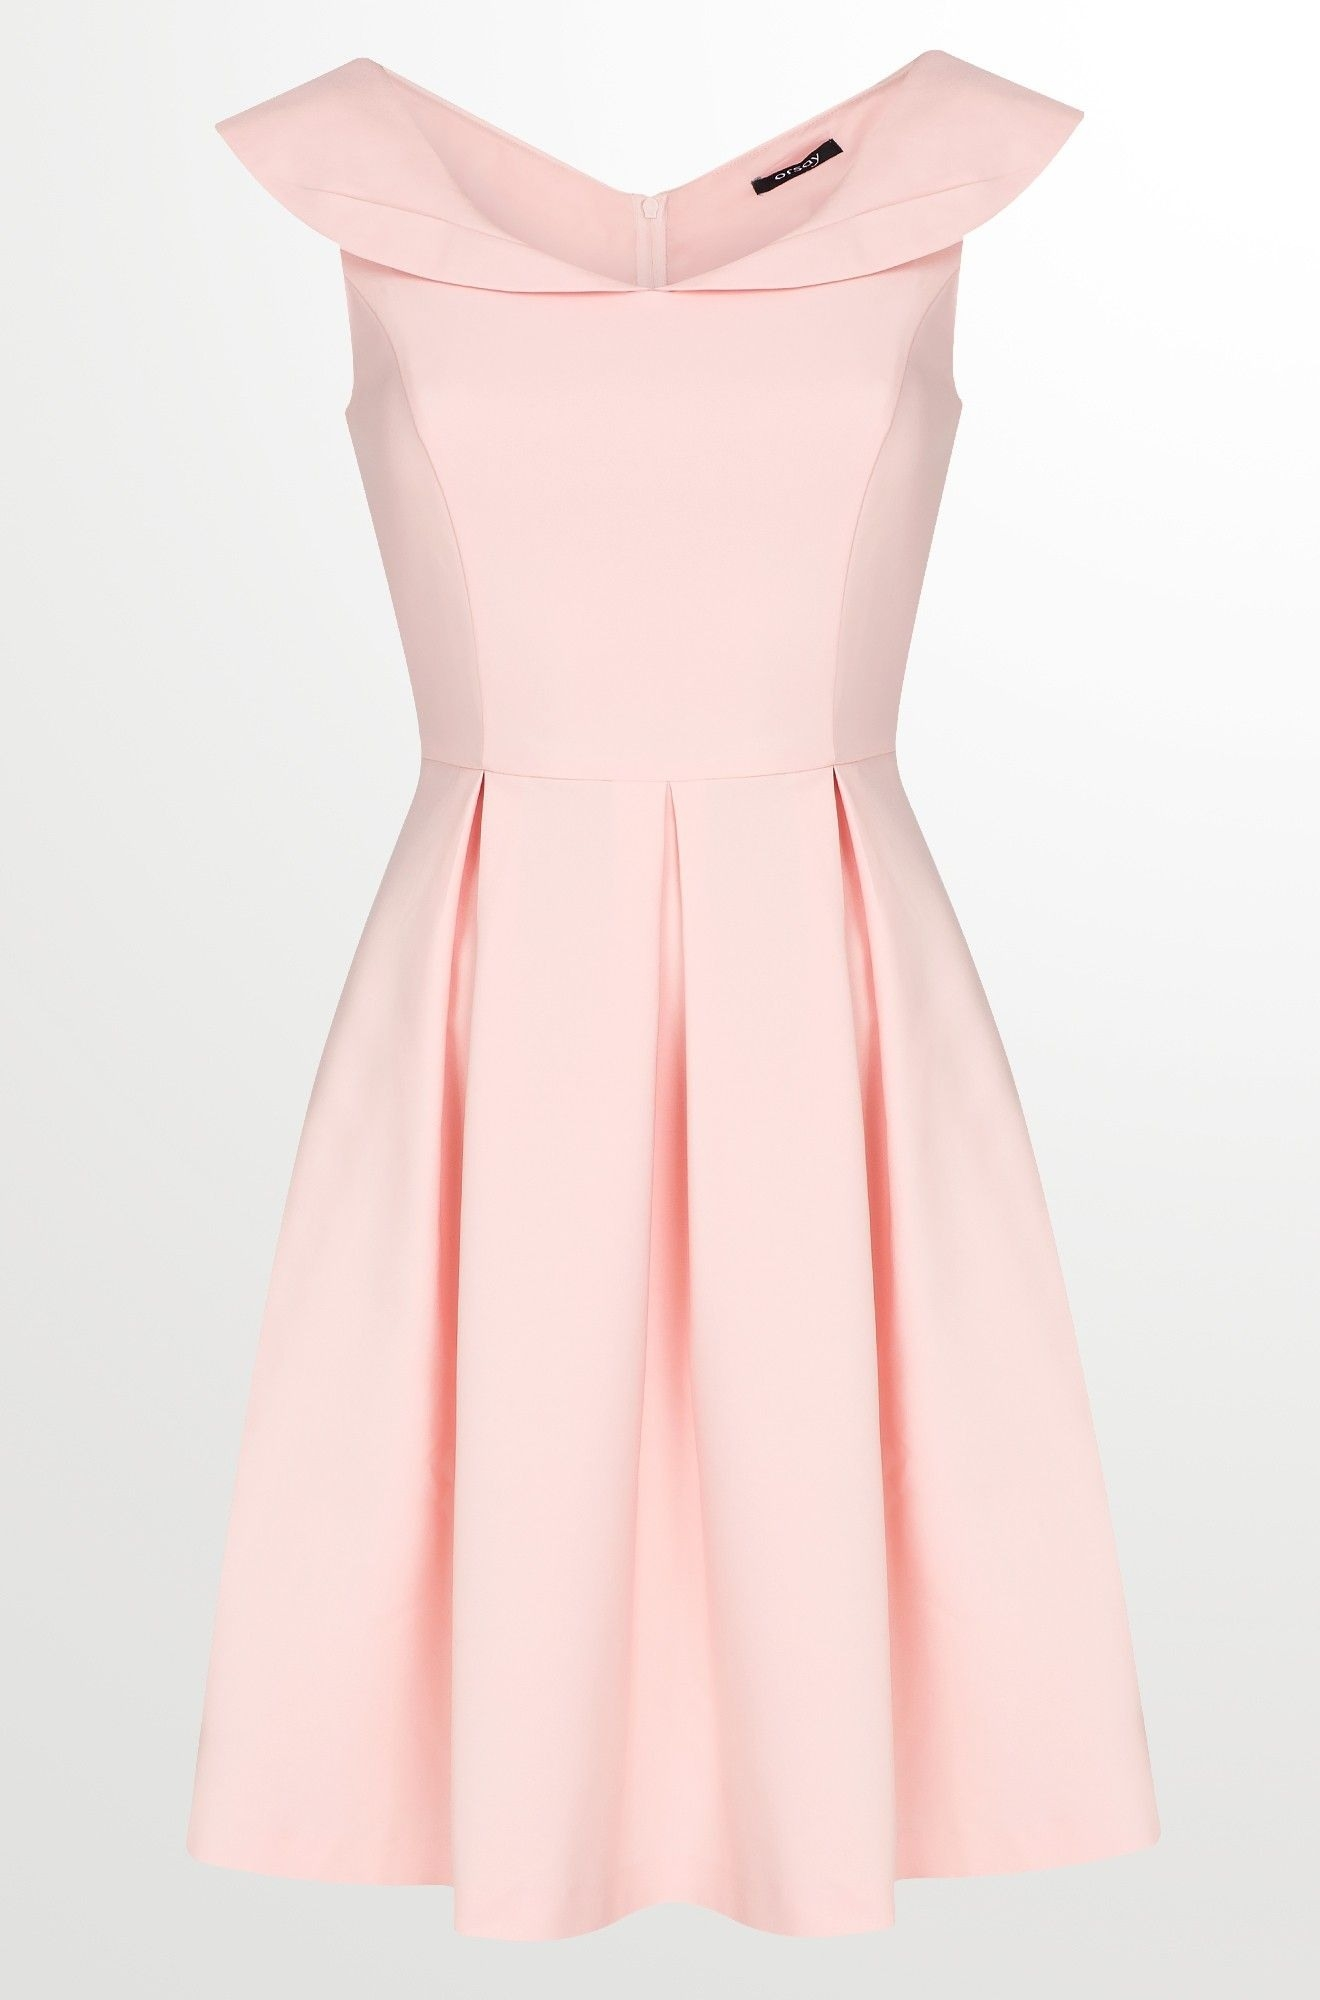 Abend Luxus Schöne Kleider Für Jeden Anlass Design - Abendkleid